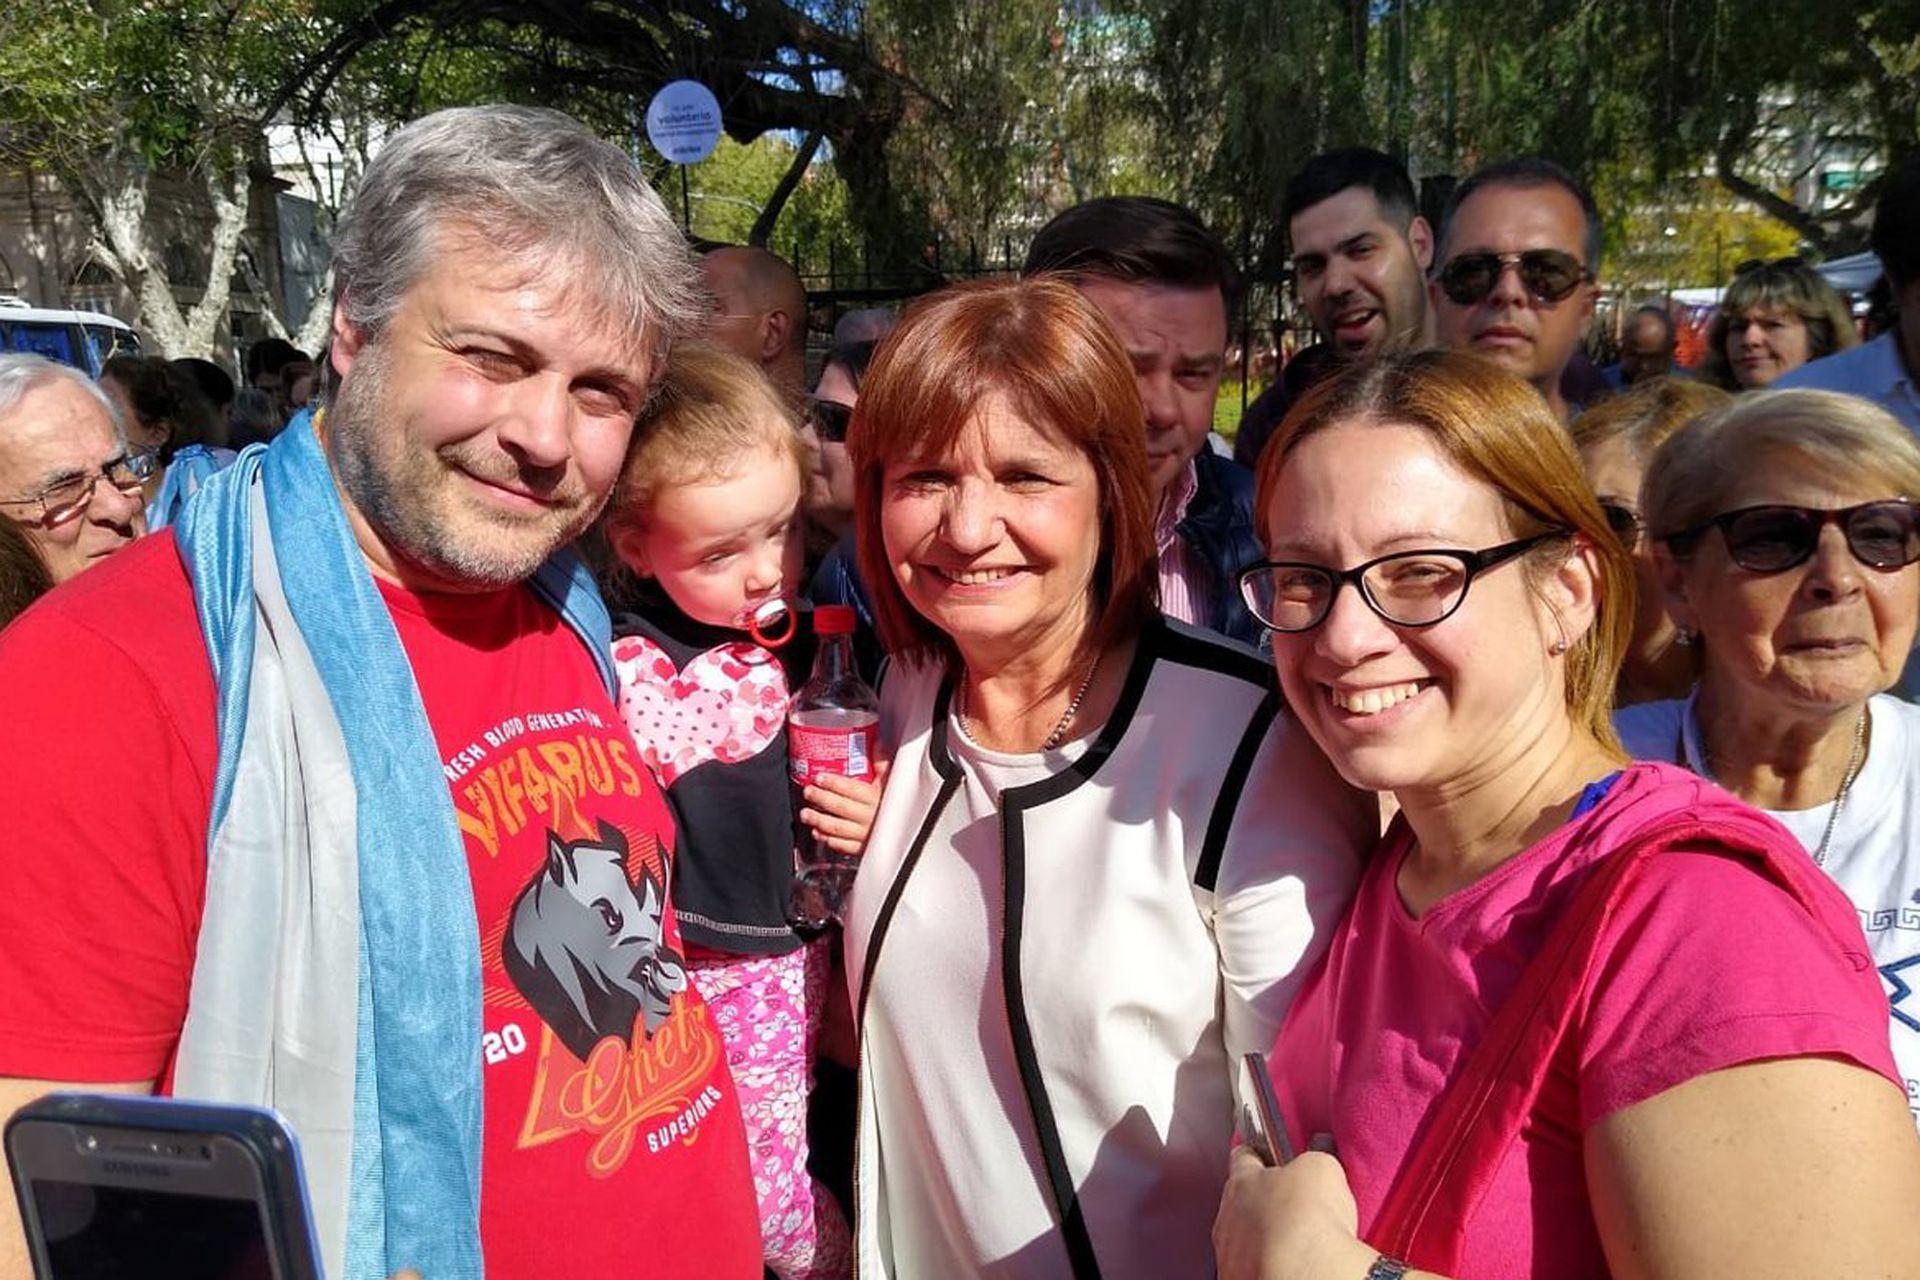 La ministra Patricia Bullrich, la primera en tomarse fotos con la gente, en Belgrano